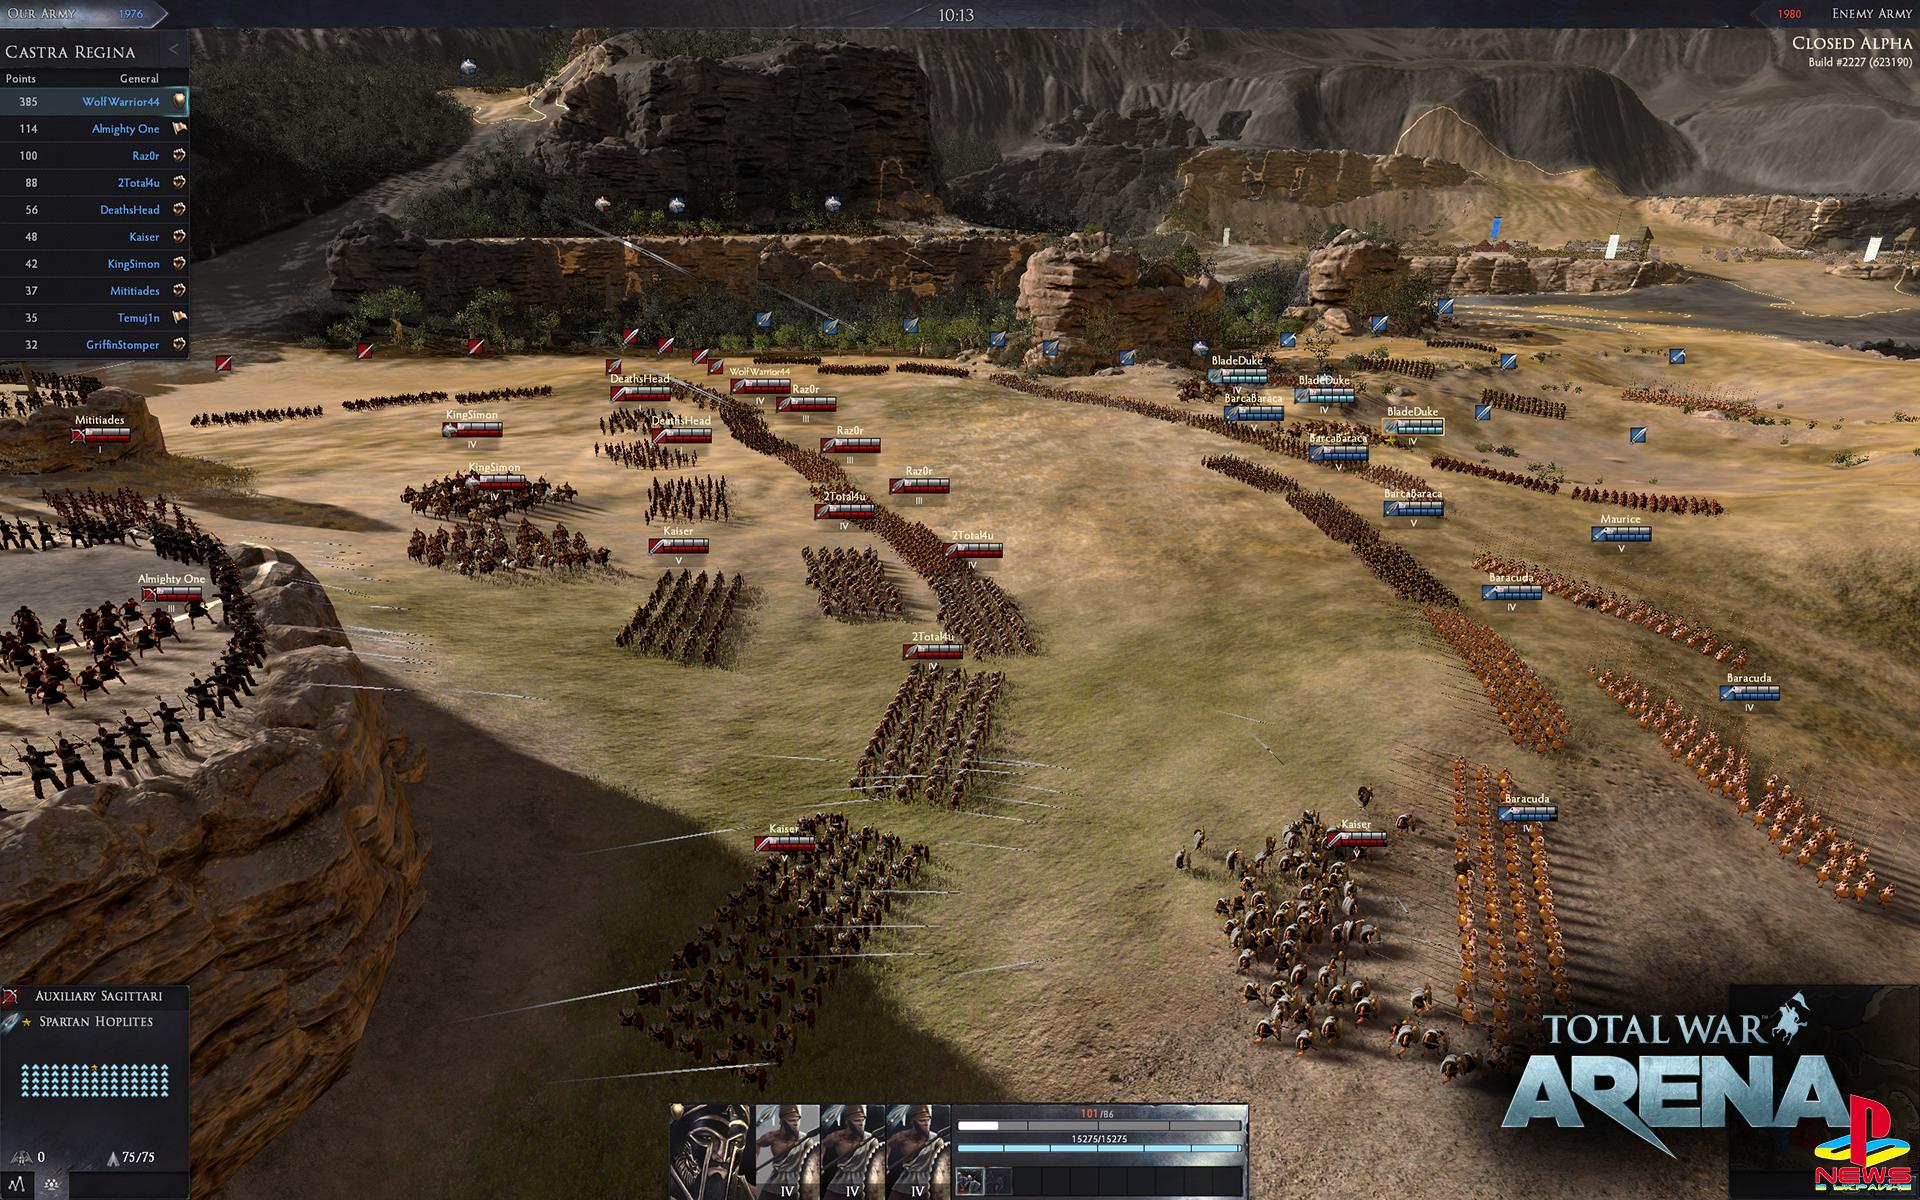 Разработка новой Total War в историческом сеттинге начнется в 2017 году